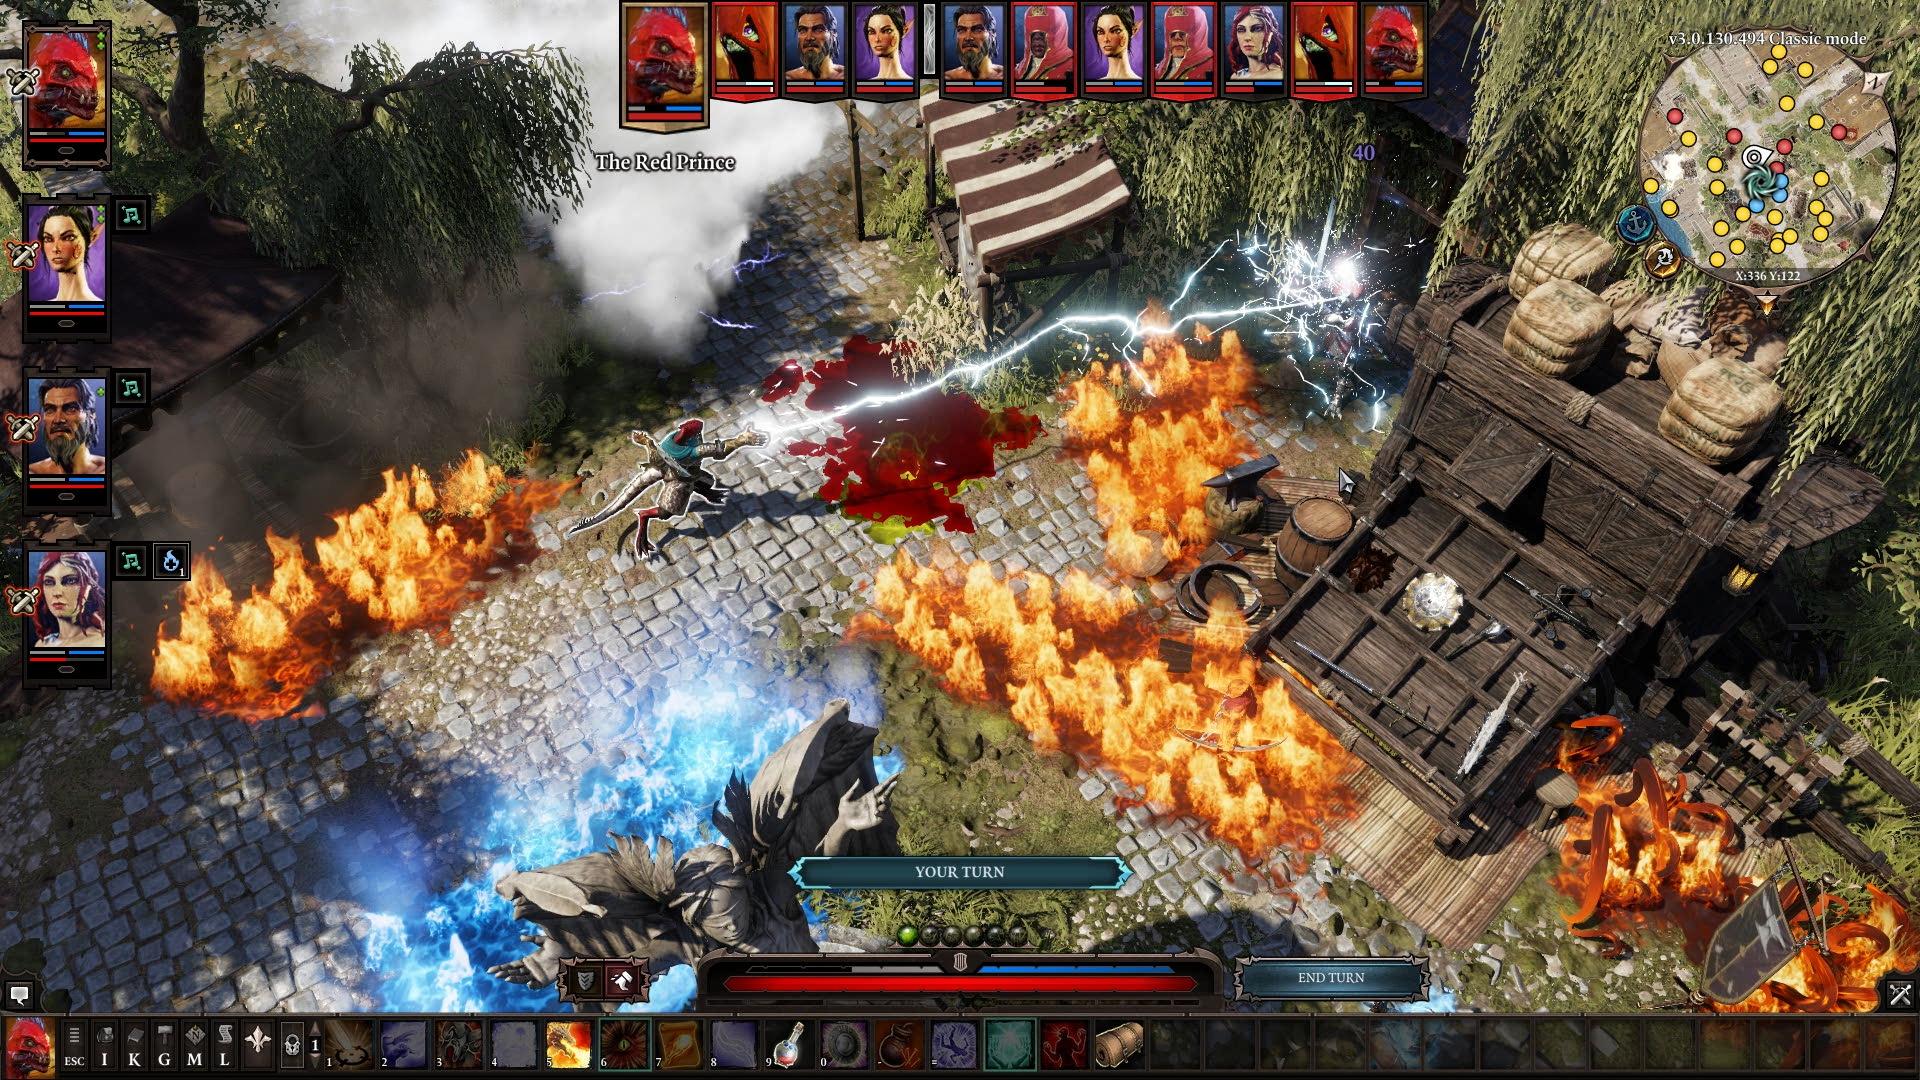 Divinity: Original Sin 2, The Witcher 3 иPathfinder: что купить навесенней распродаже в GOG?